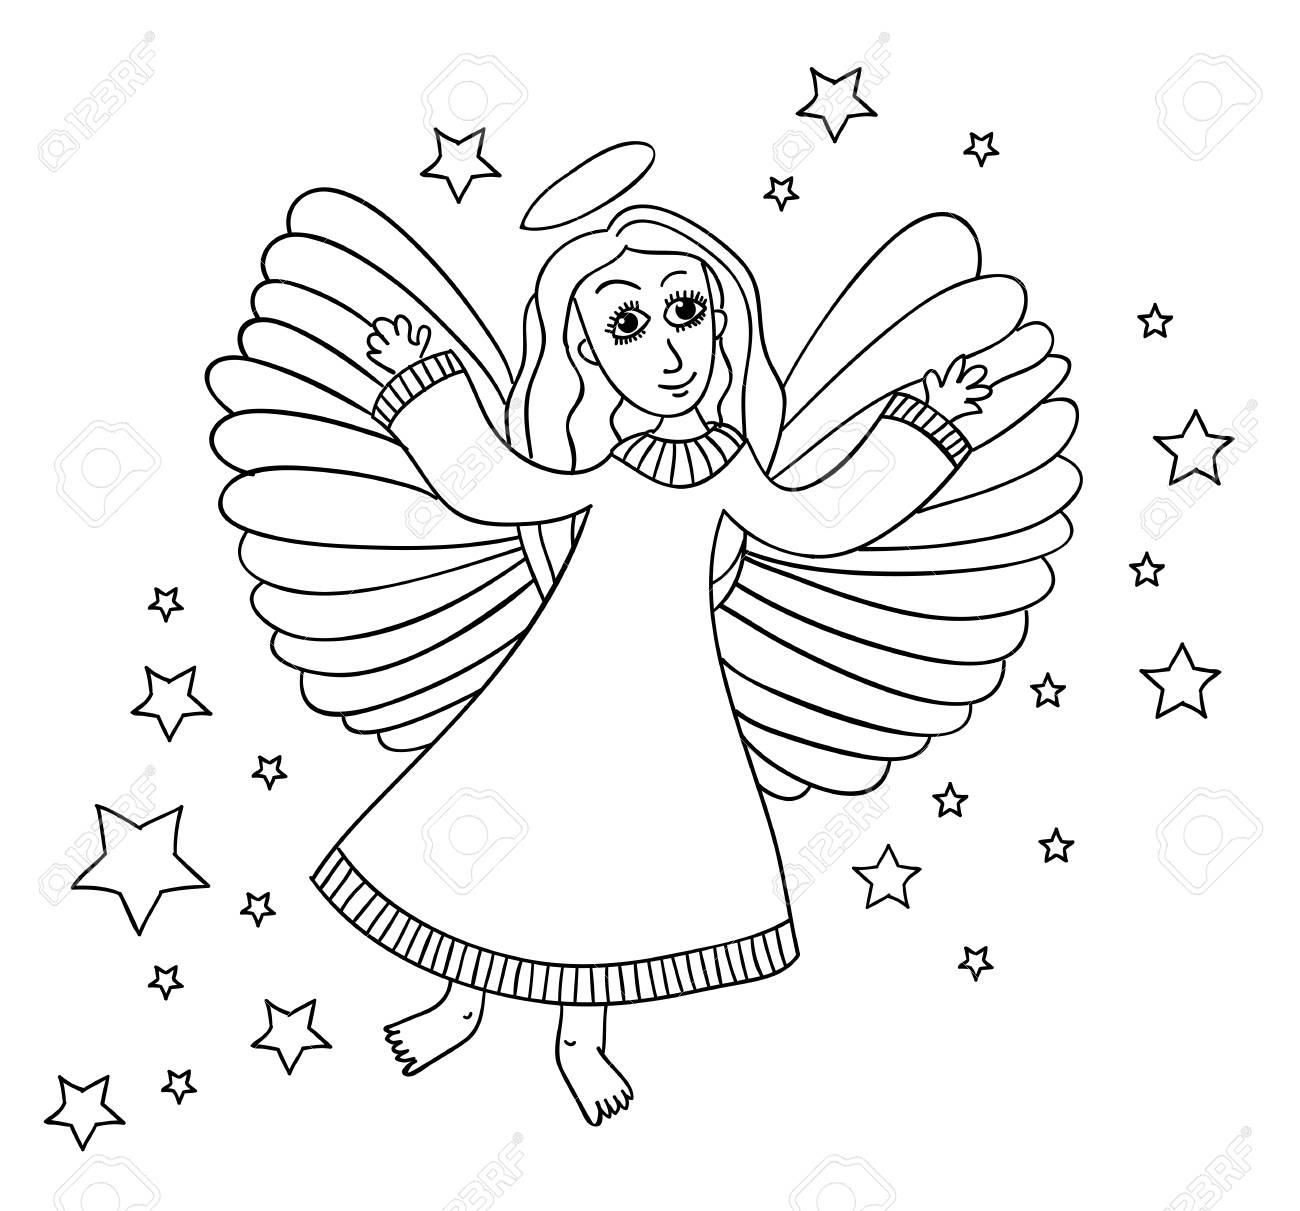 Croquis D'ange Avec Des Étoiles. Page Pour Le Livre De Coloriage. Mains  Dessiner Le Travail Dans Le Doodle Éventé. Couleurs Noires Et Wight. pour Ange A Colorier